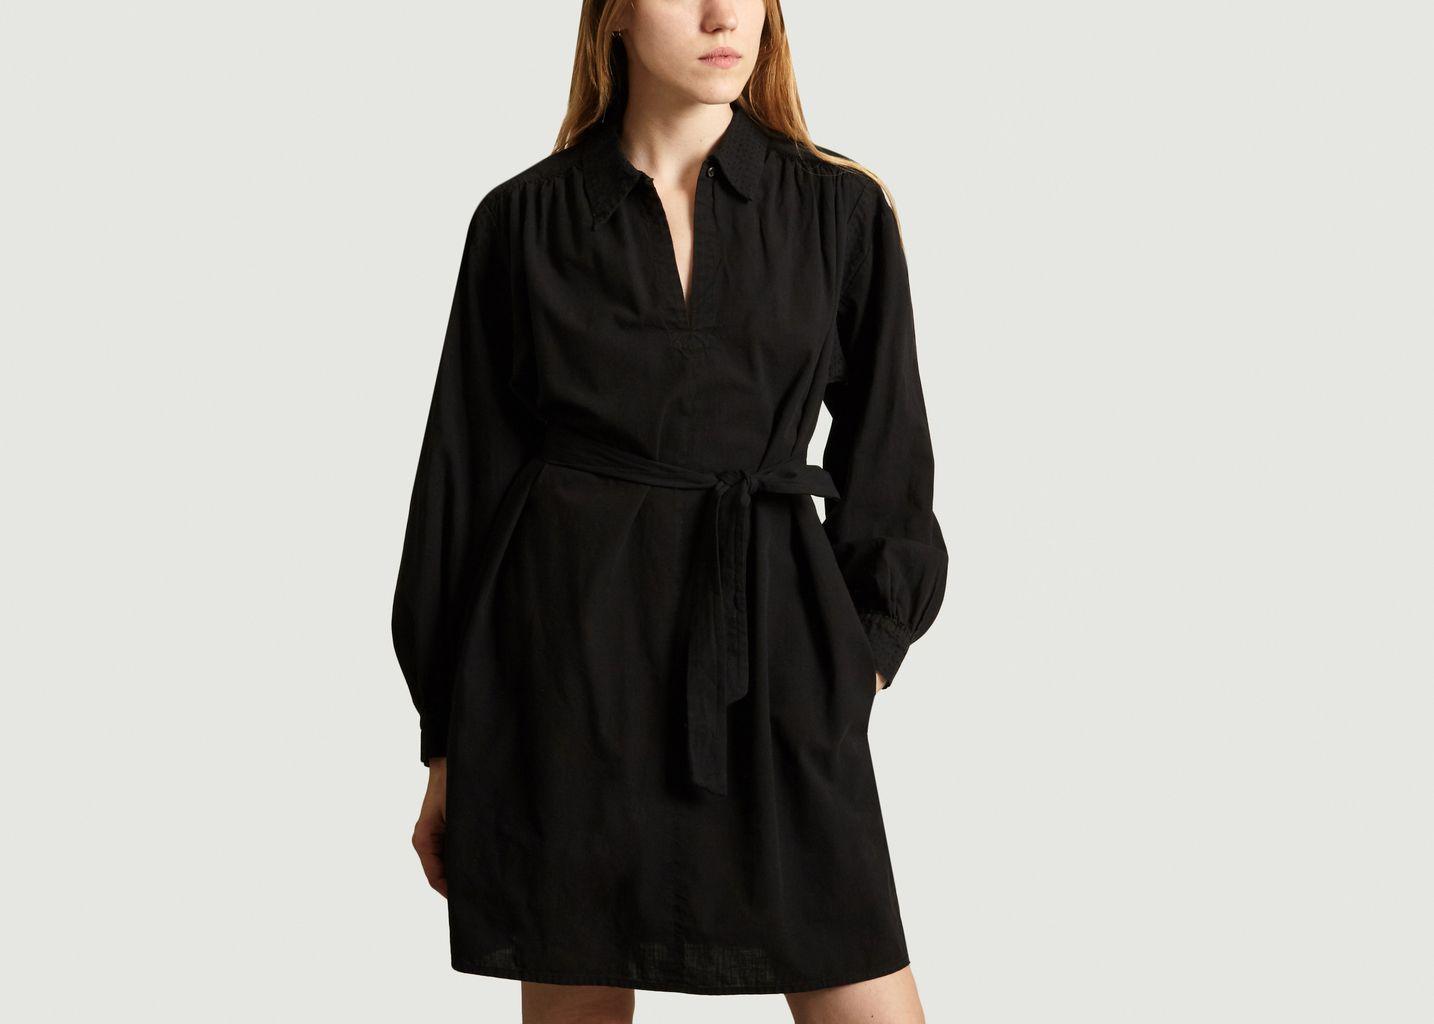 Robe Maria - A.P.C.